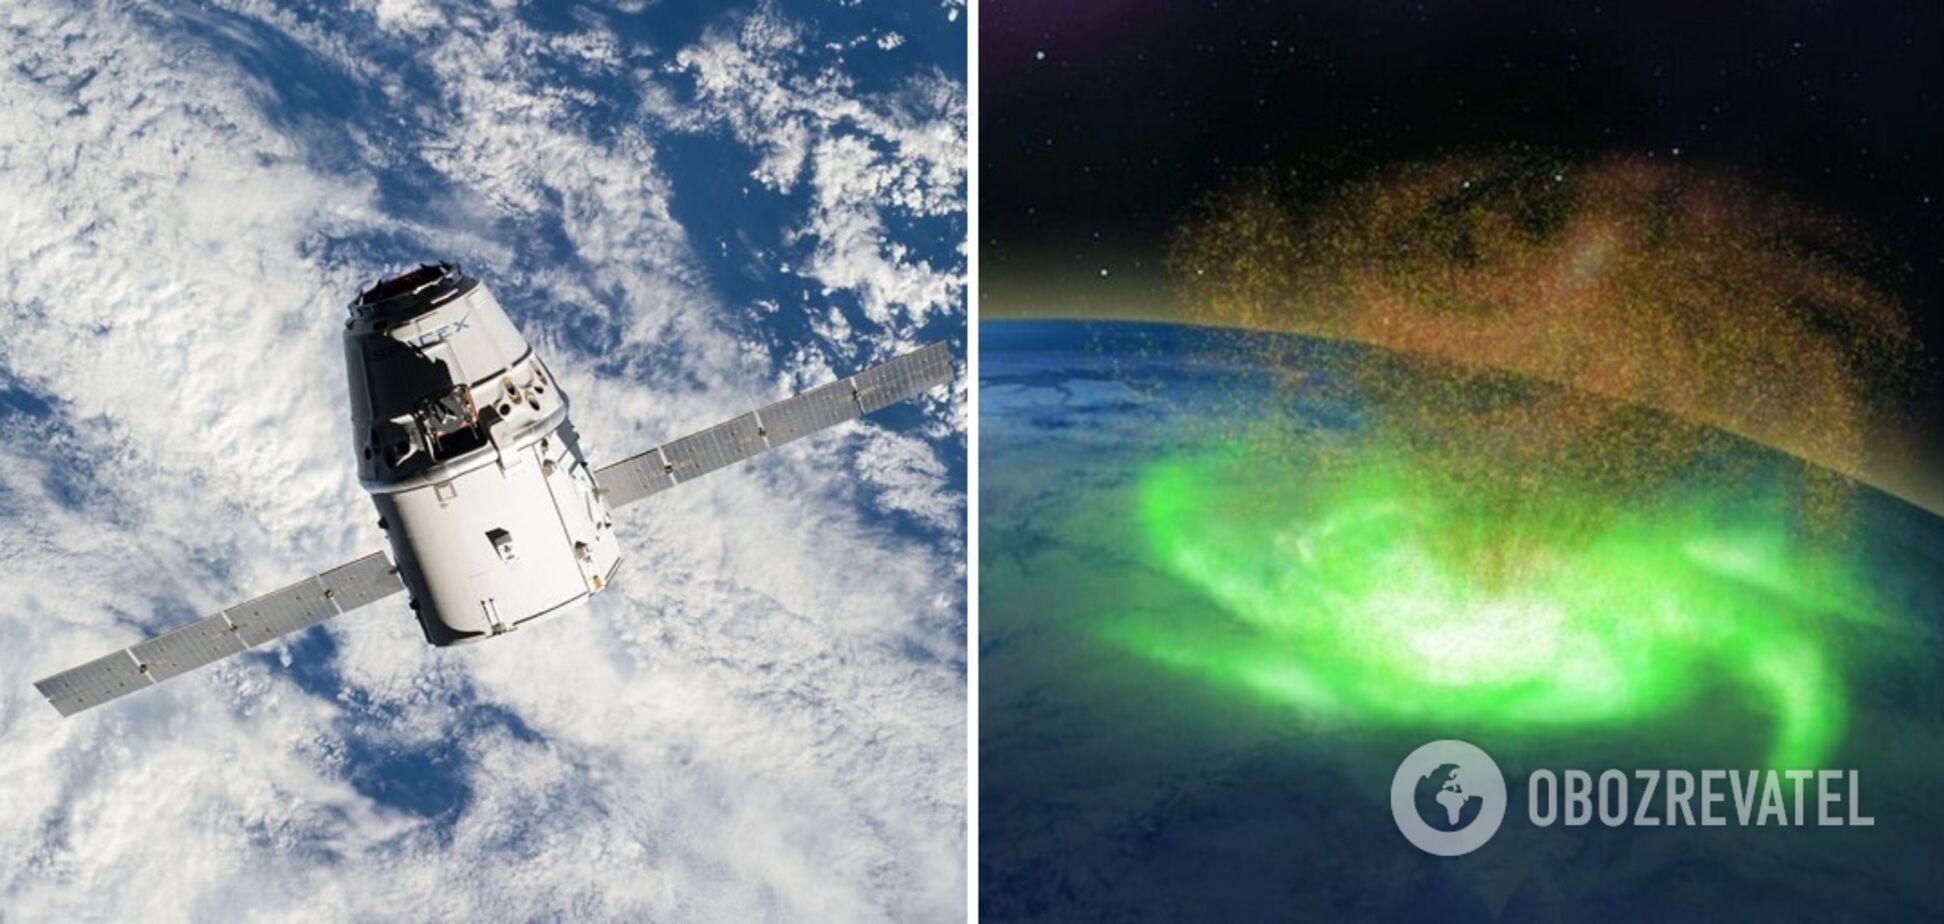 Астрономи виявили над Північним полюсом Землі 'космічний ураган'